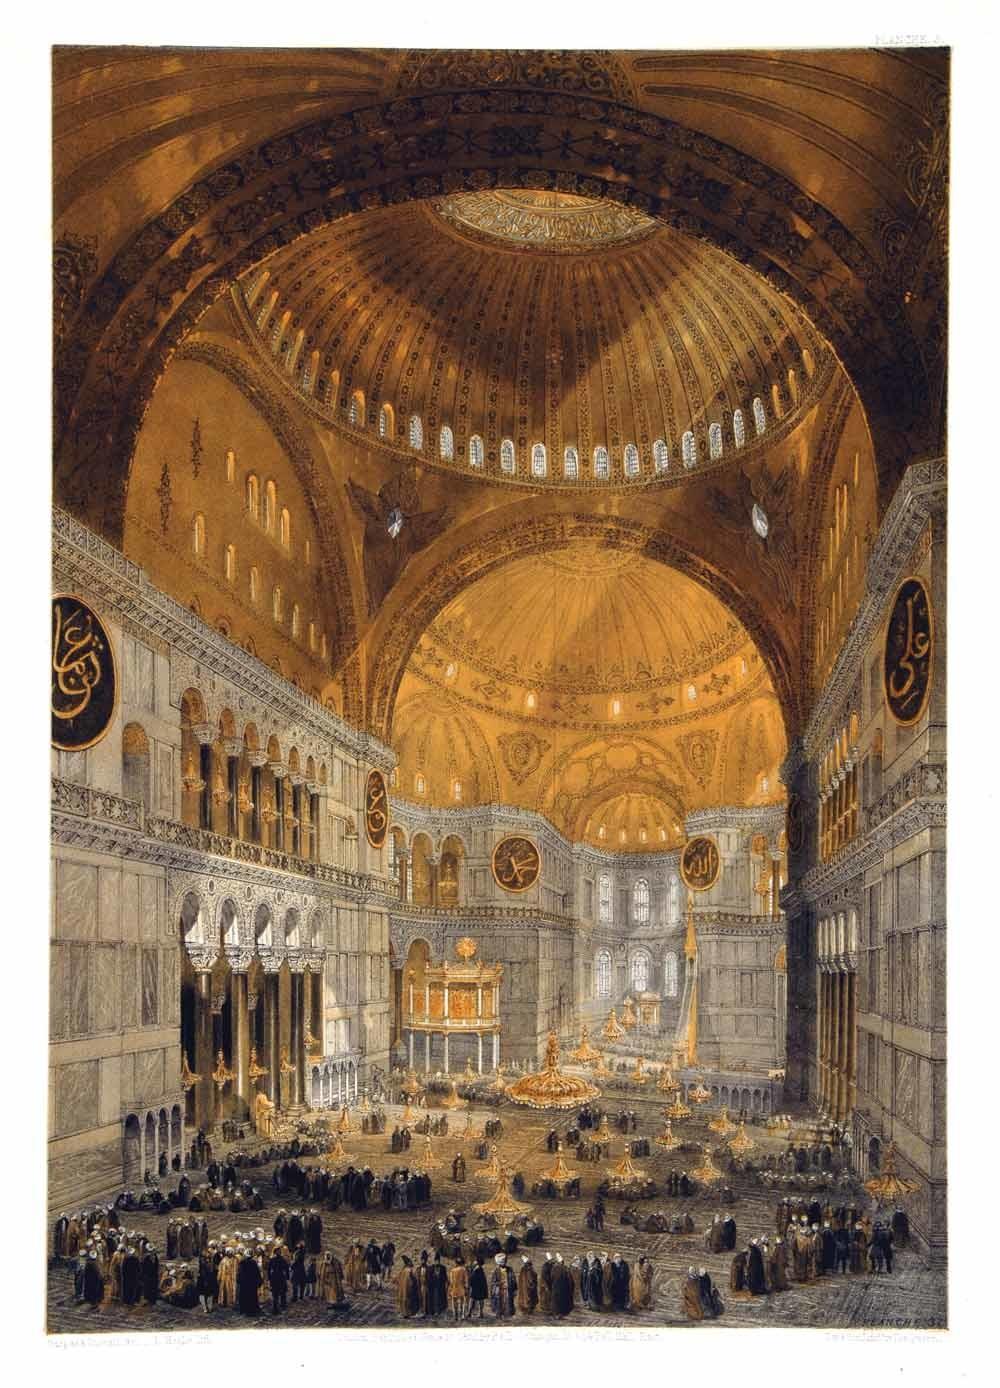 De Hagia Sophia in ca. 1849.